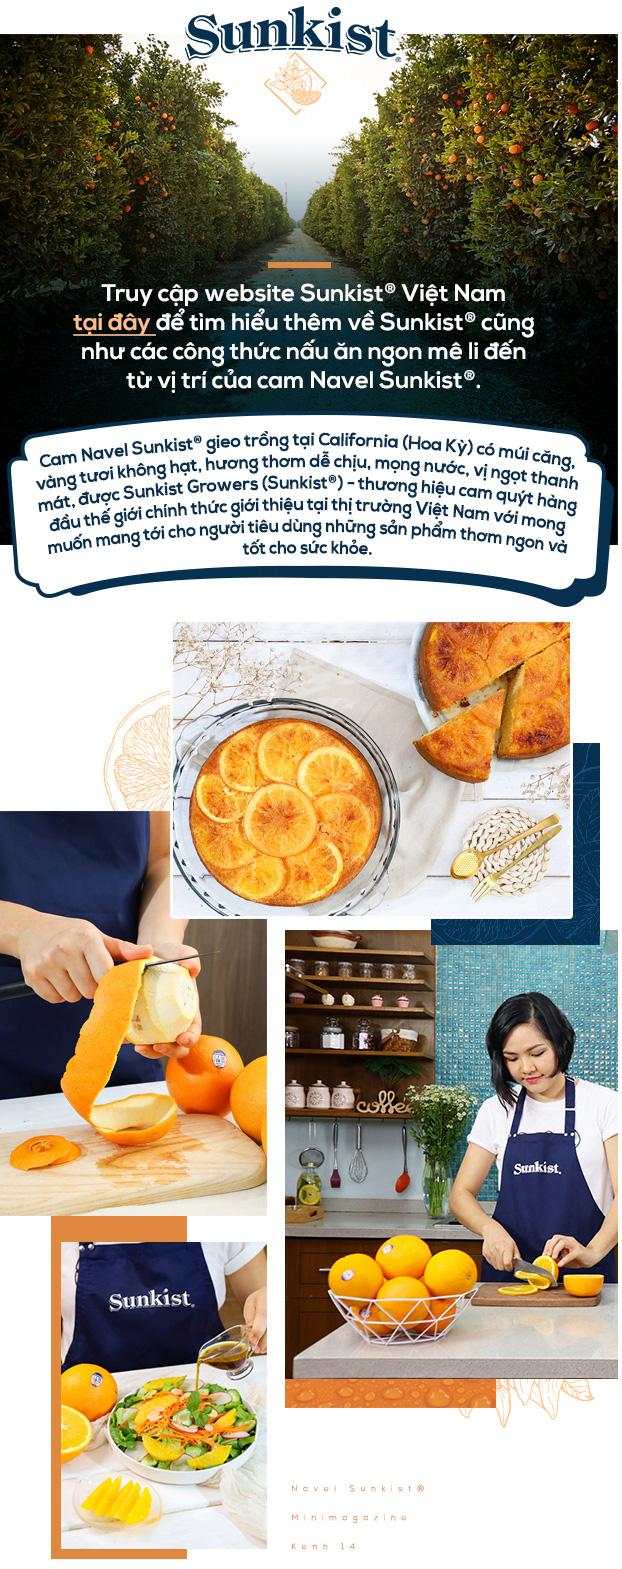 2021: Lối ăn uống lành mạnh sẽ tiếp tục chinh phục cả thế giới, nên sẽ là thiếu sót nếu chưa biết hết về trái cây bổ dưỡng mà thân quen này! - Ảnh 10.